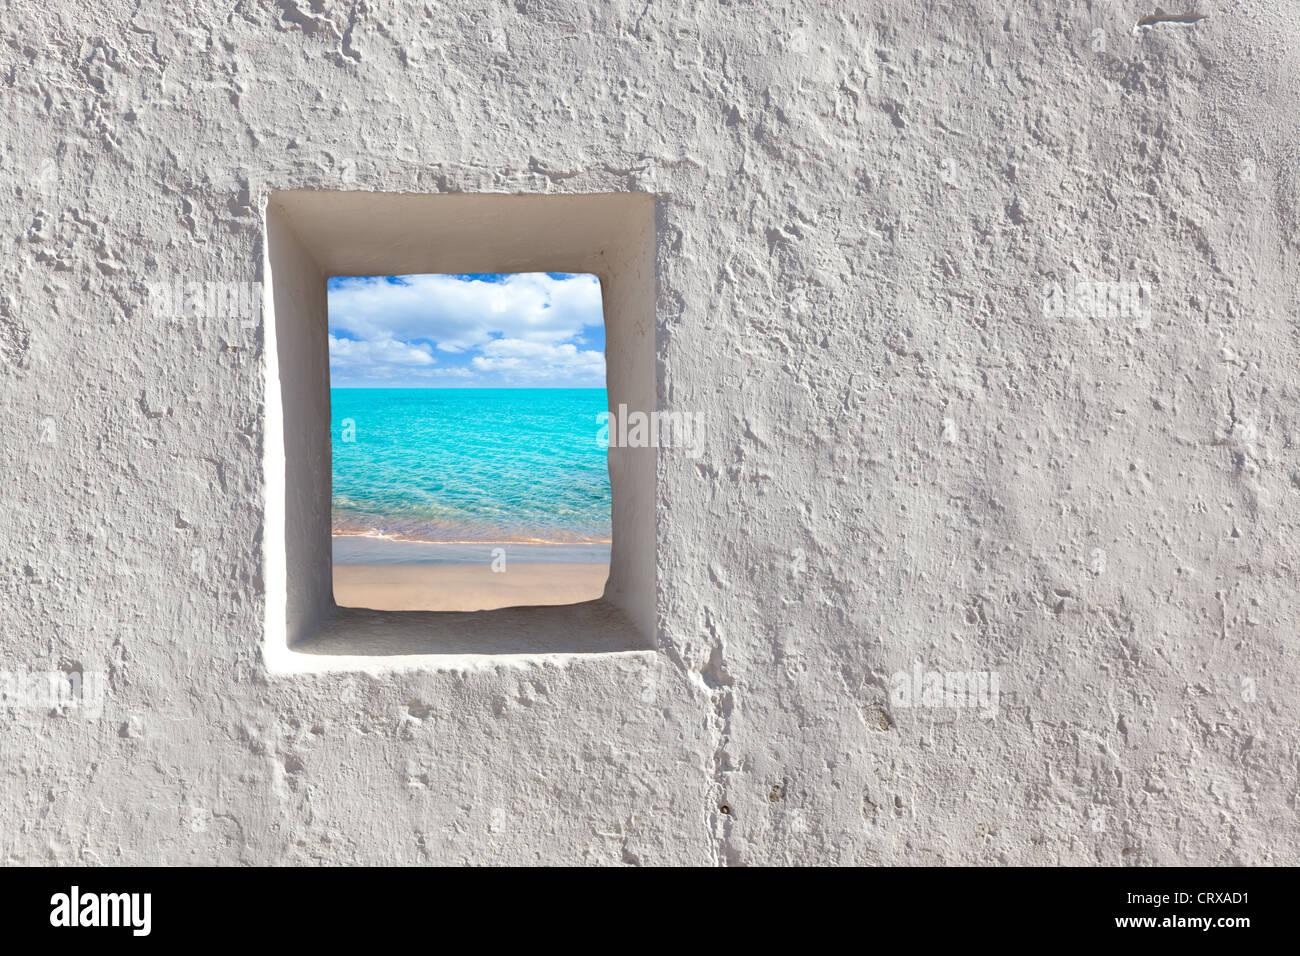 Balearen idyllischen türkisfarbenen Strandblick durch weiß getünchten Haus offene Tür Stockbild